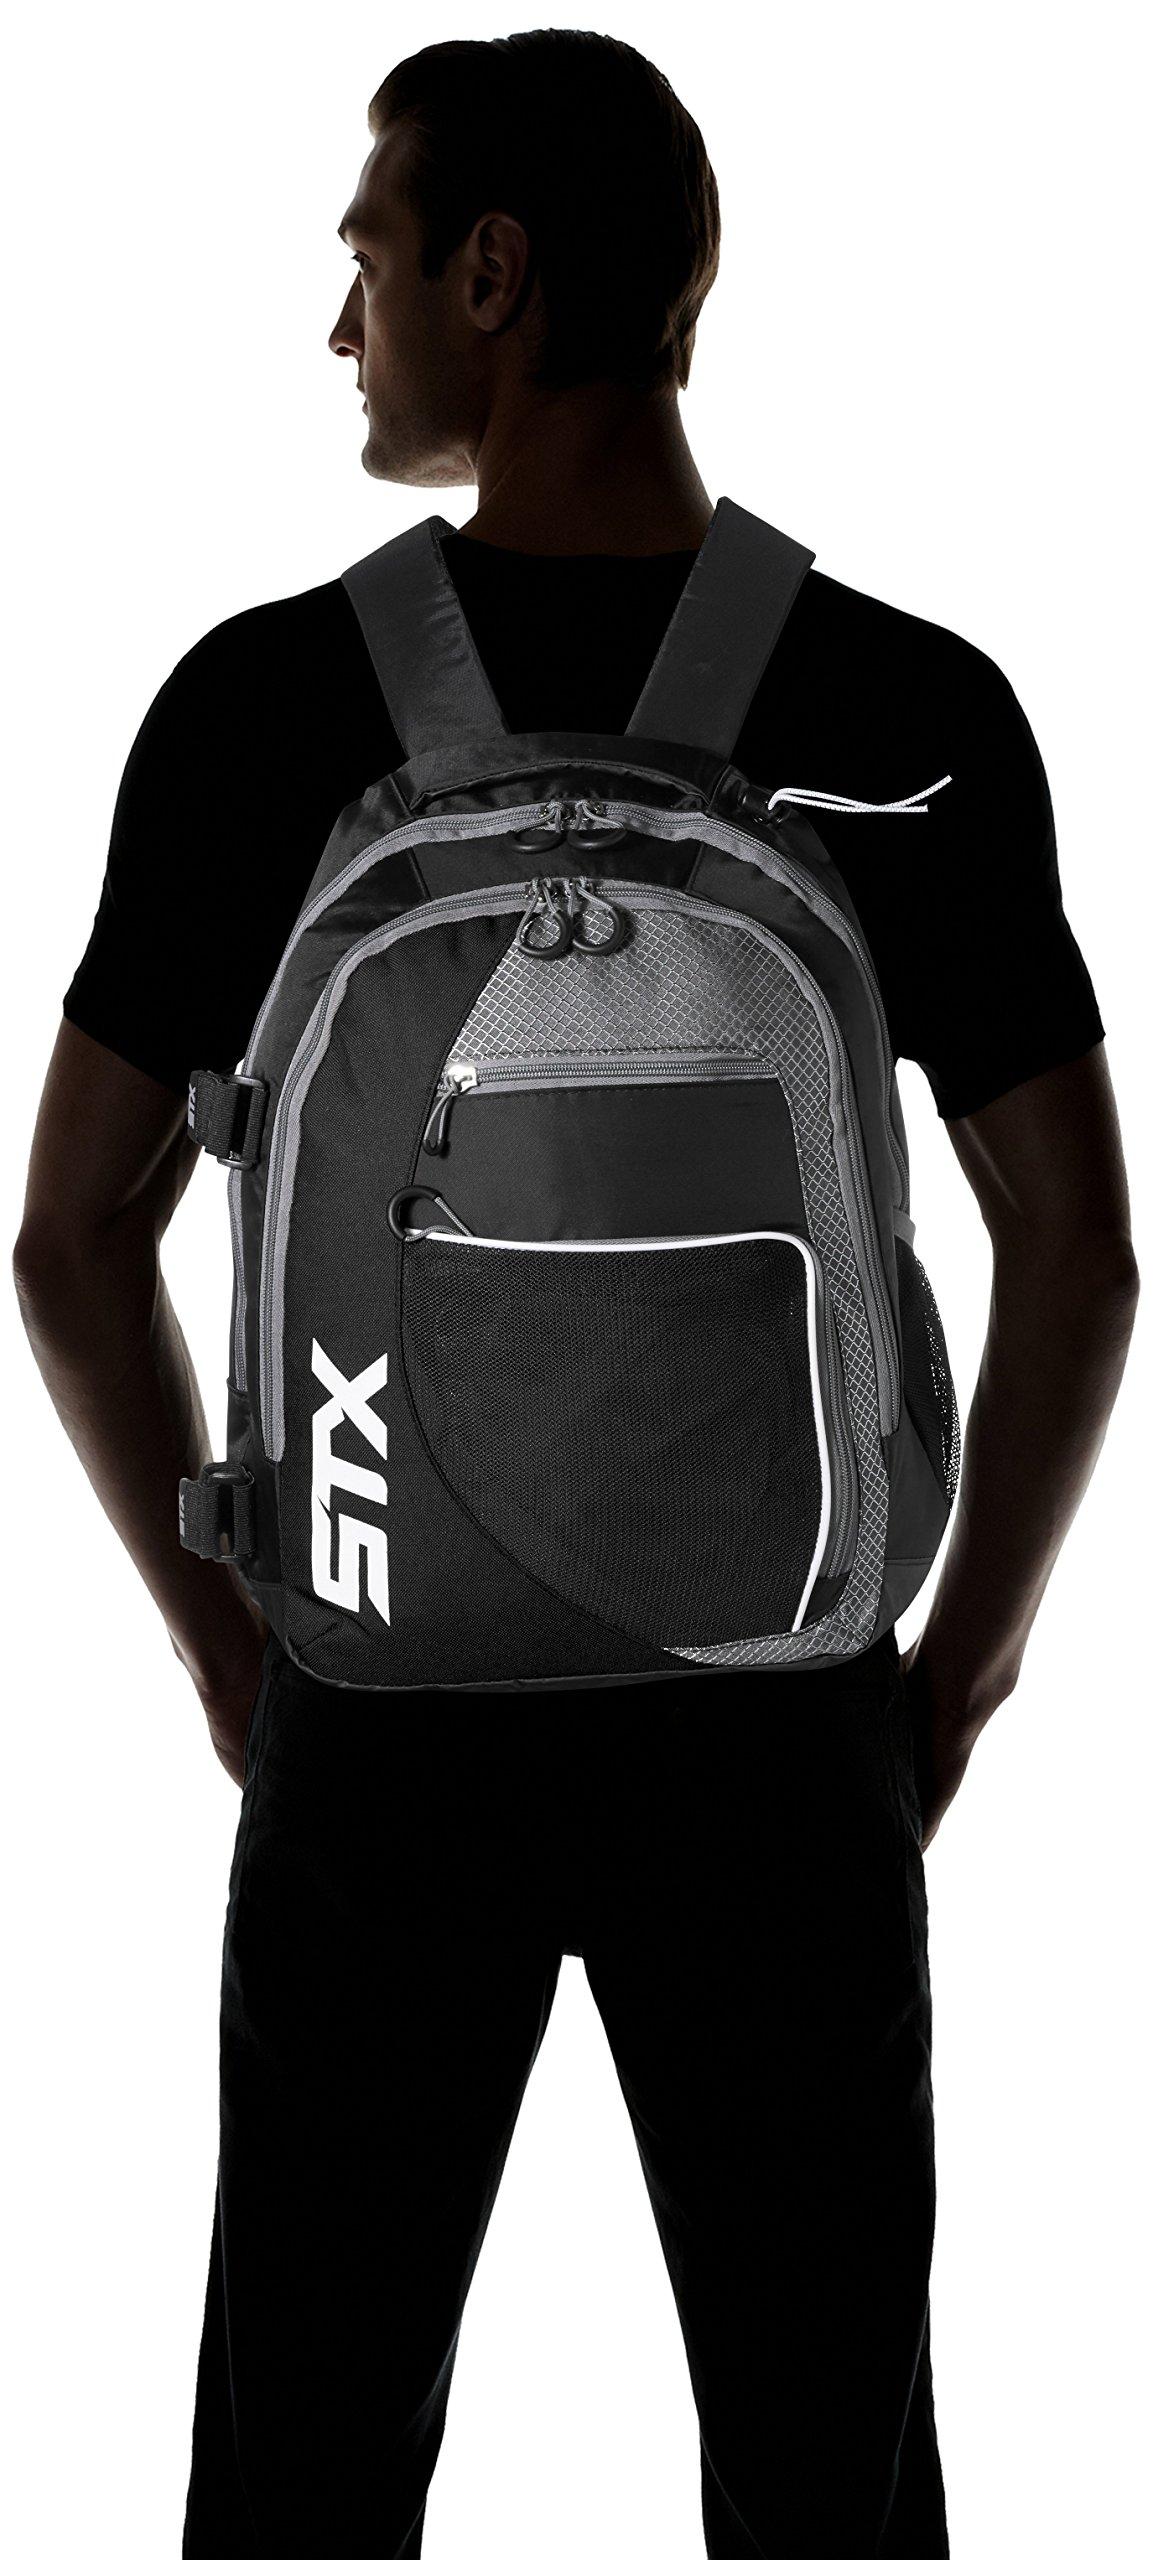 STX Lacrosse Sidewinder Lacrosse Backpack, Black by STX (Image #4)